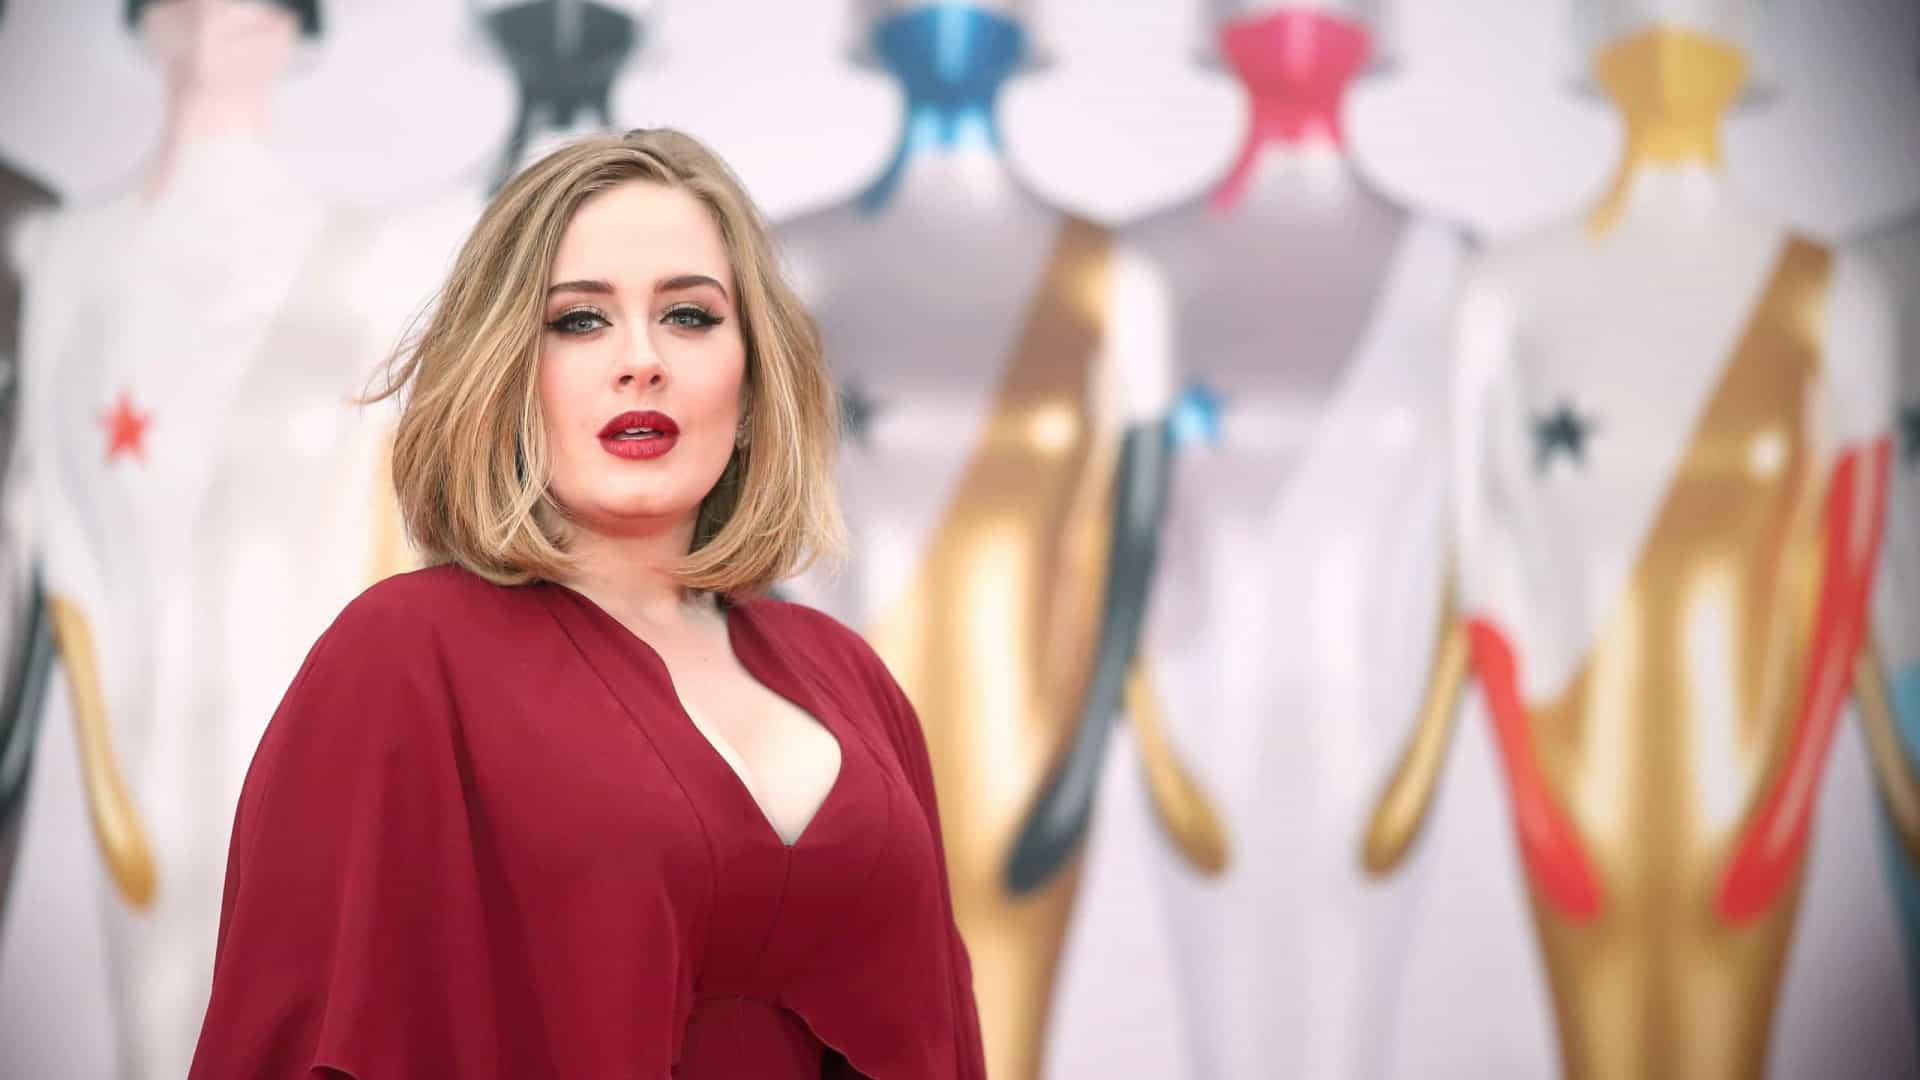 Adele choca fãs ao surgir muitíssimo mais magra